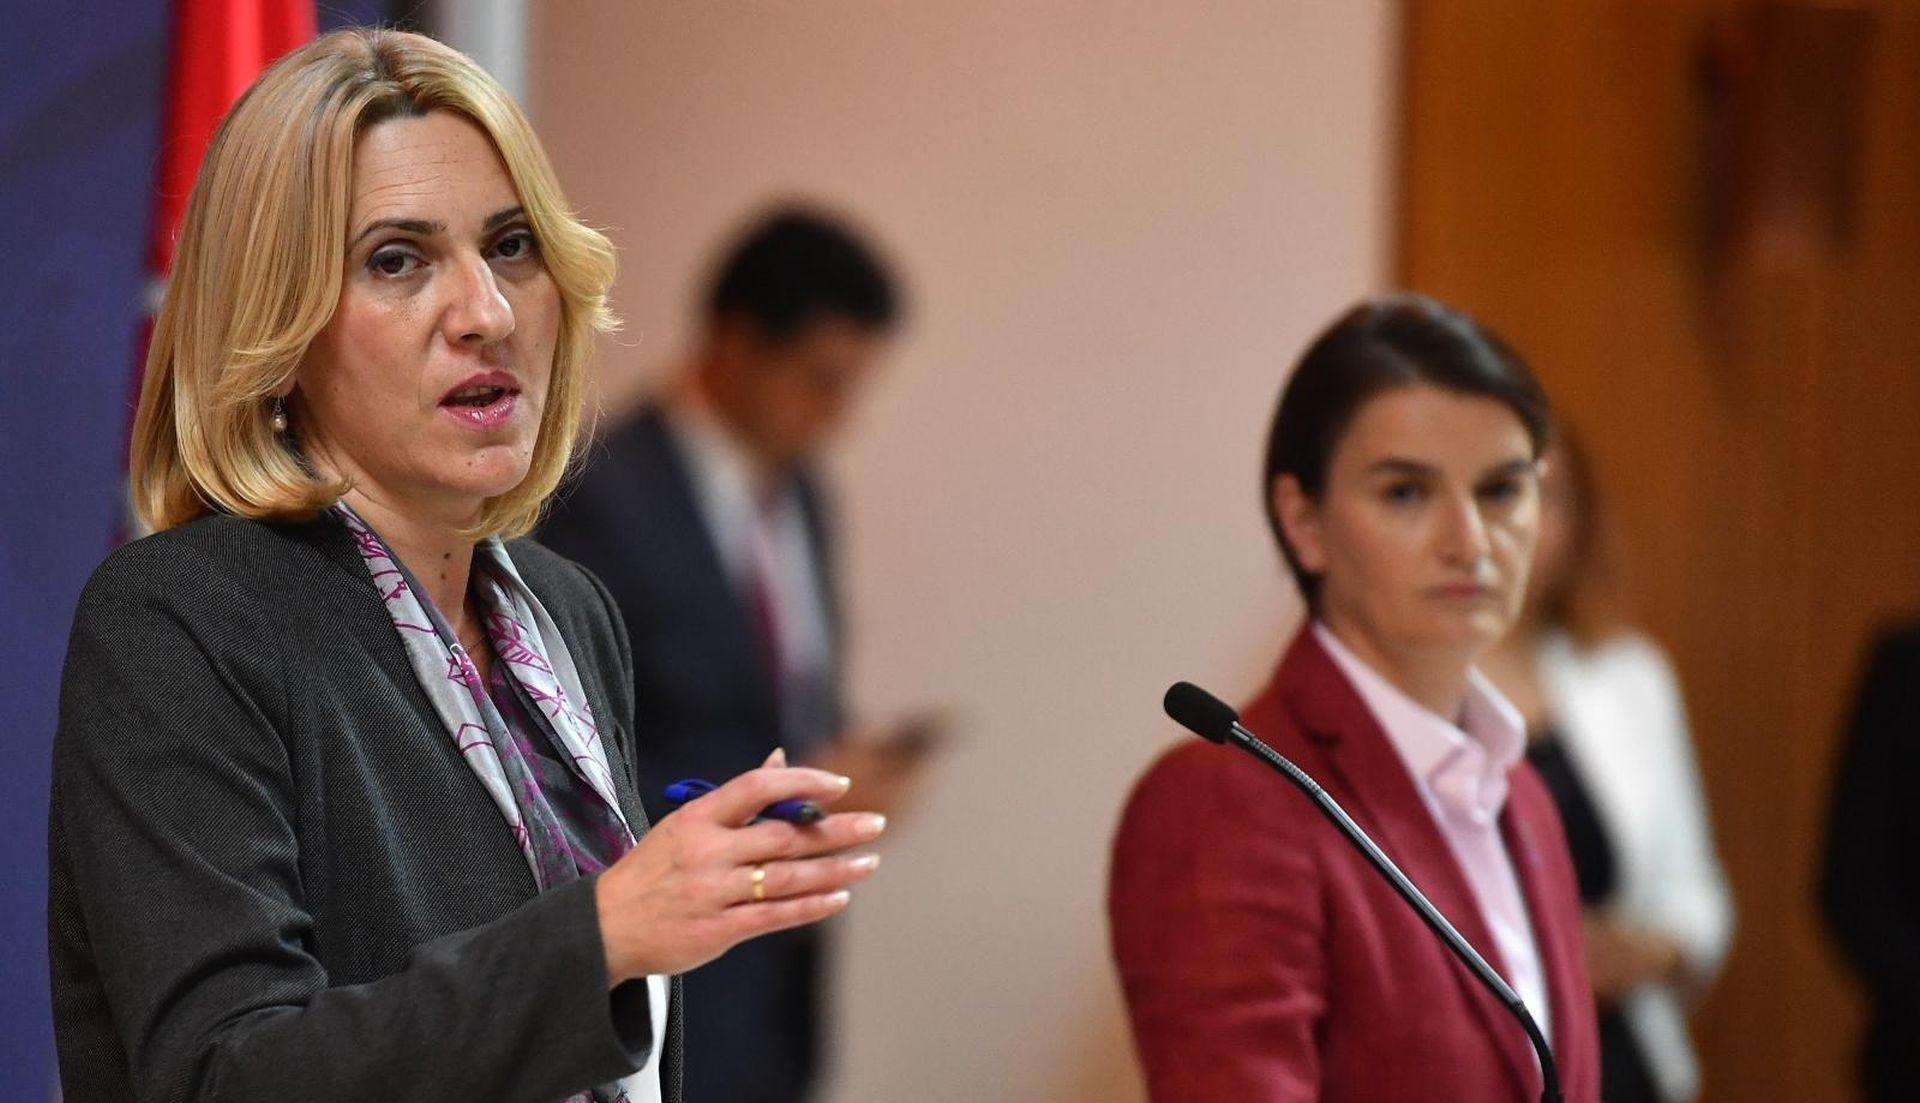 Prljava kampanja u BiH, kandidatkinja nazvana 'ustaškom unukom'